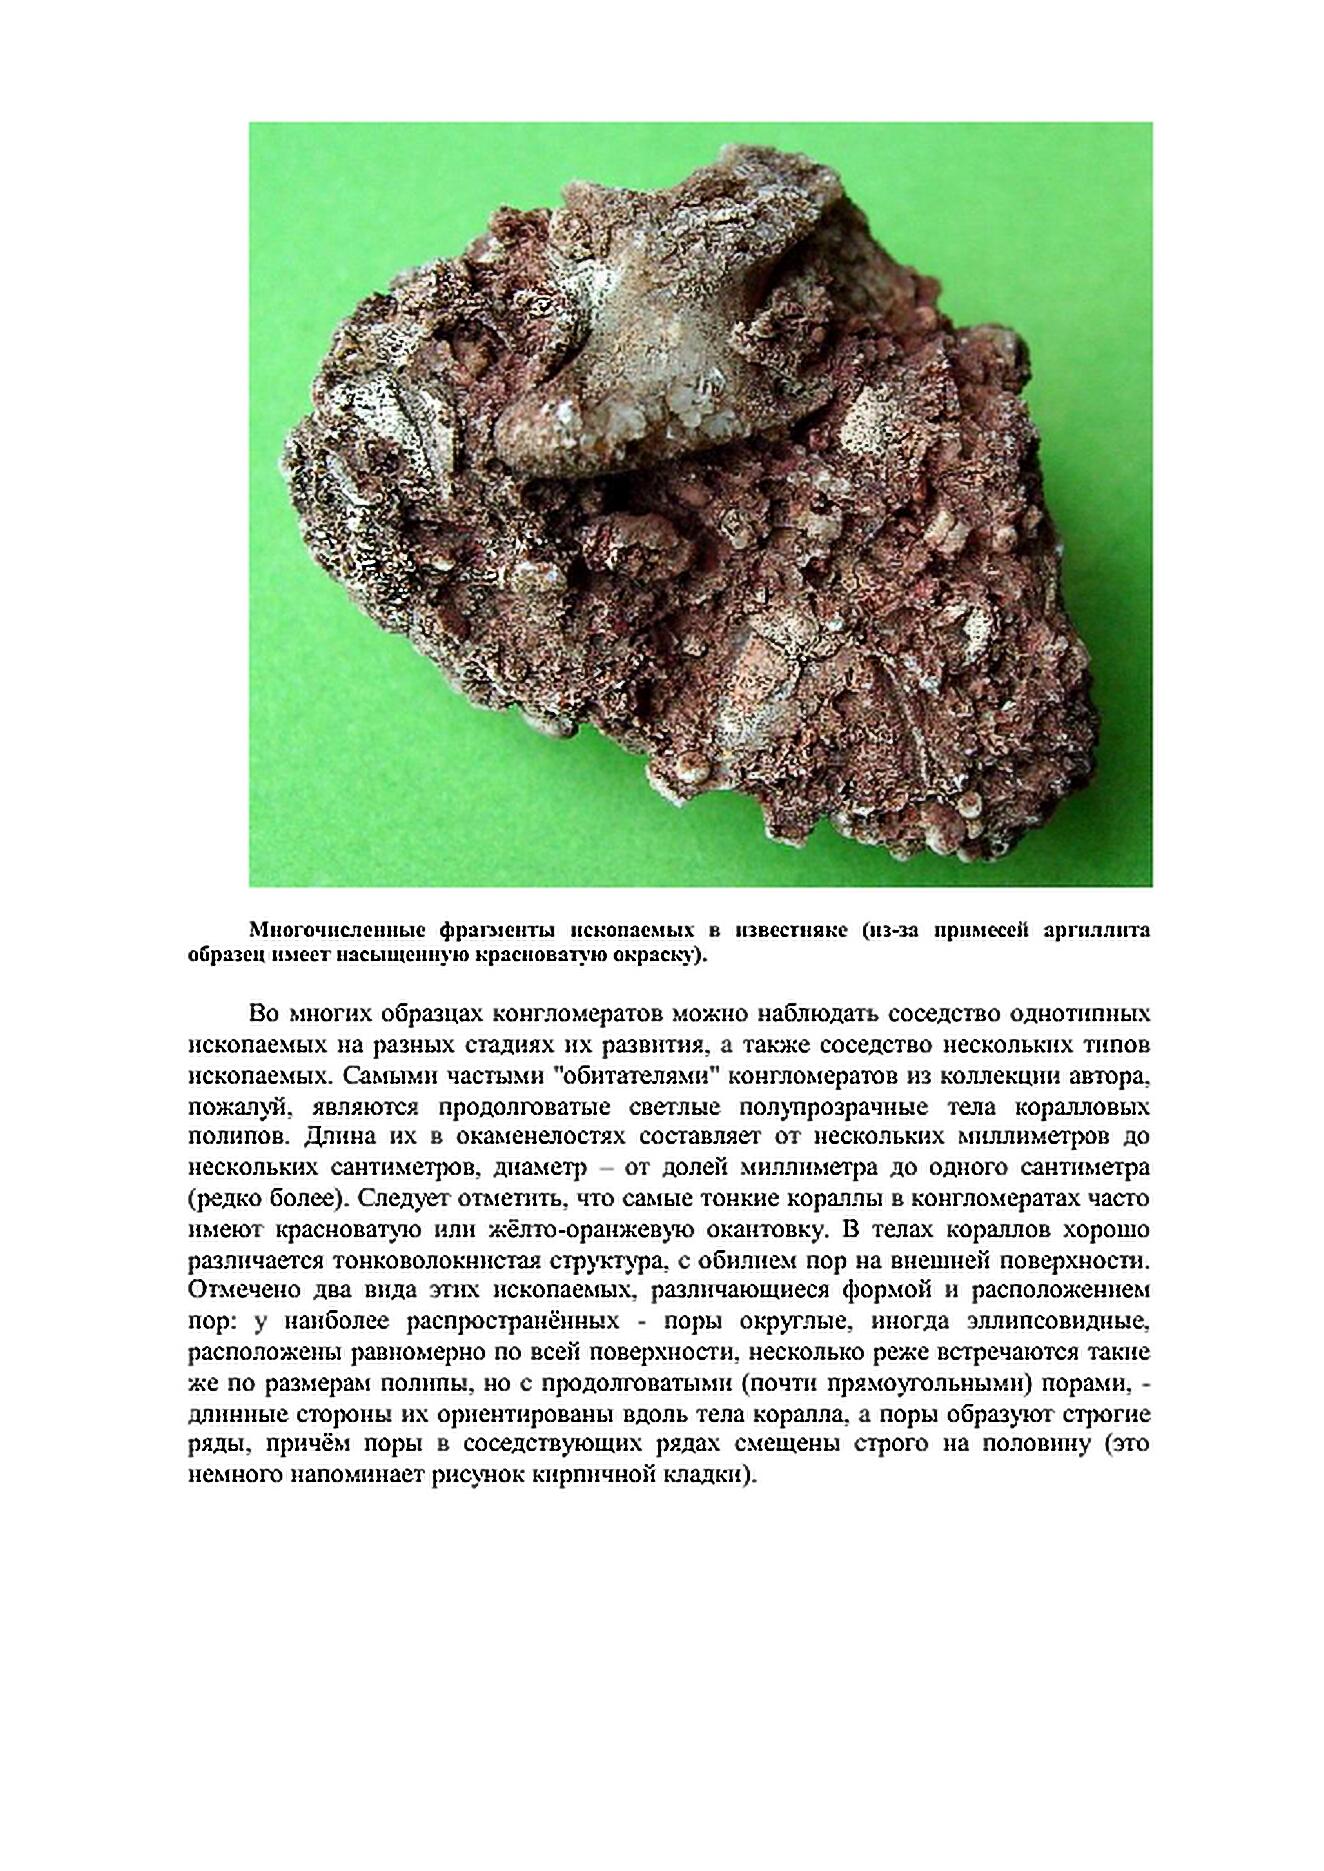 http://s5.uploads.ru/VA8if.jpg